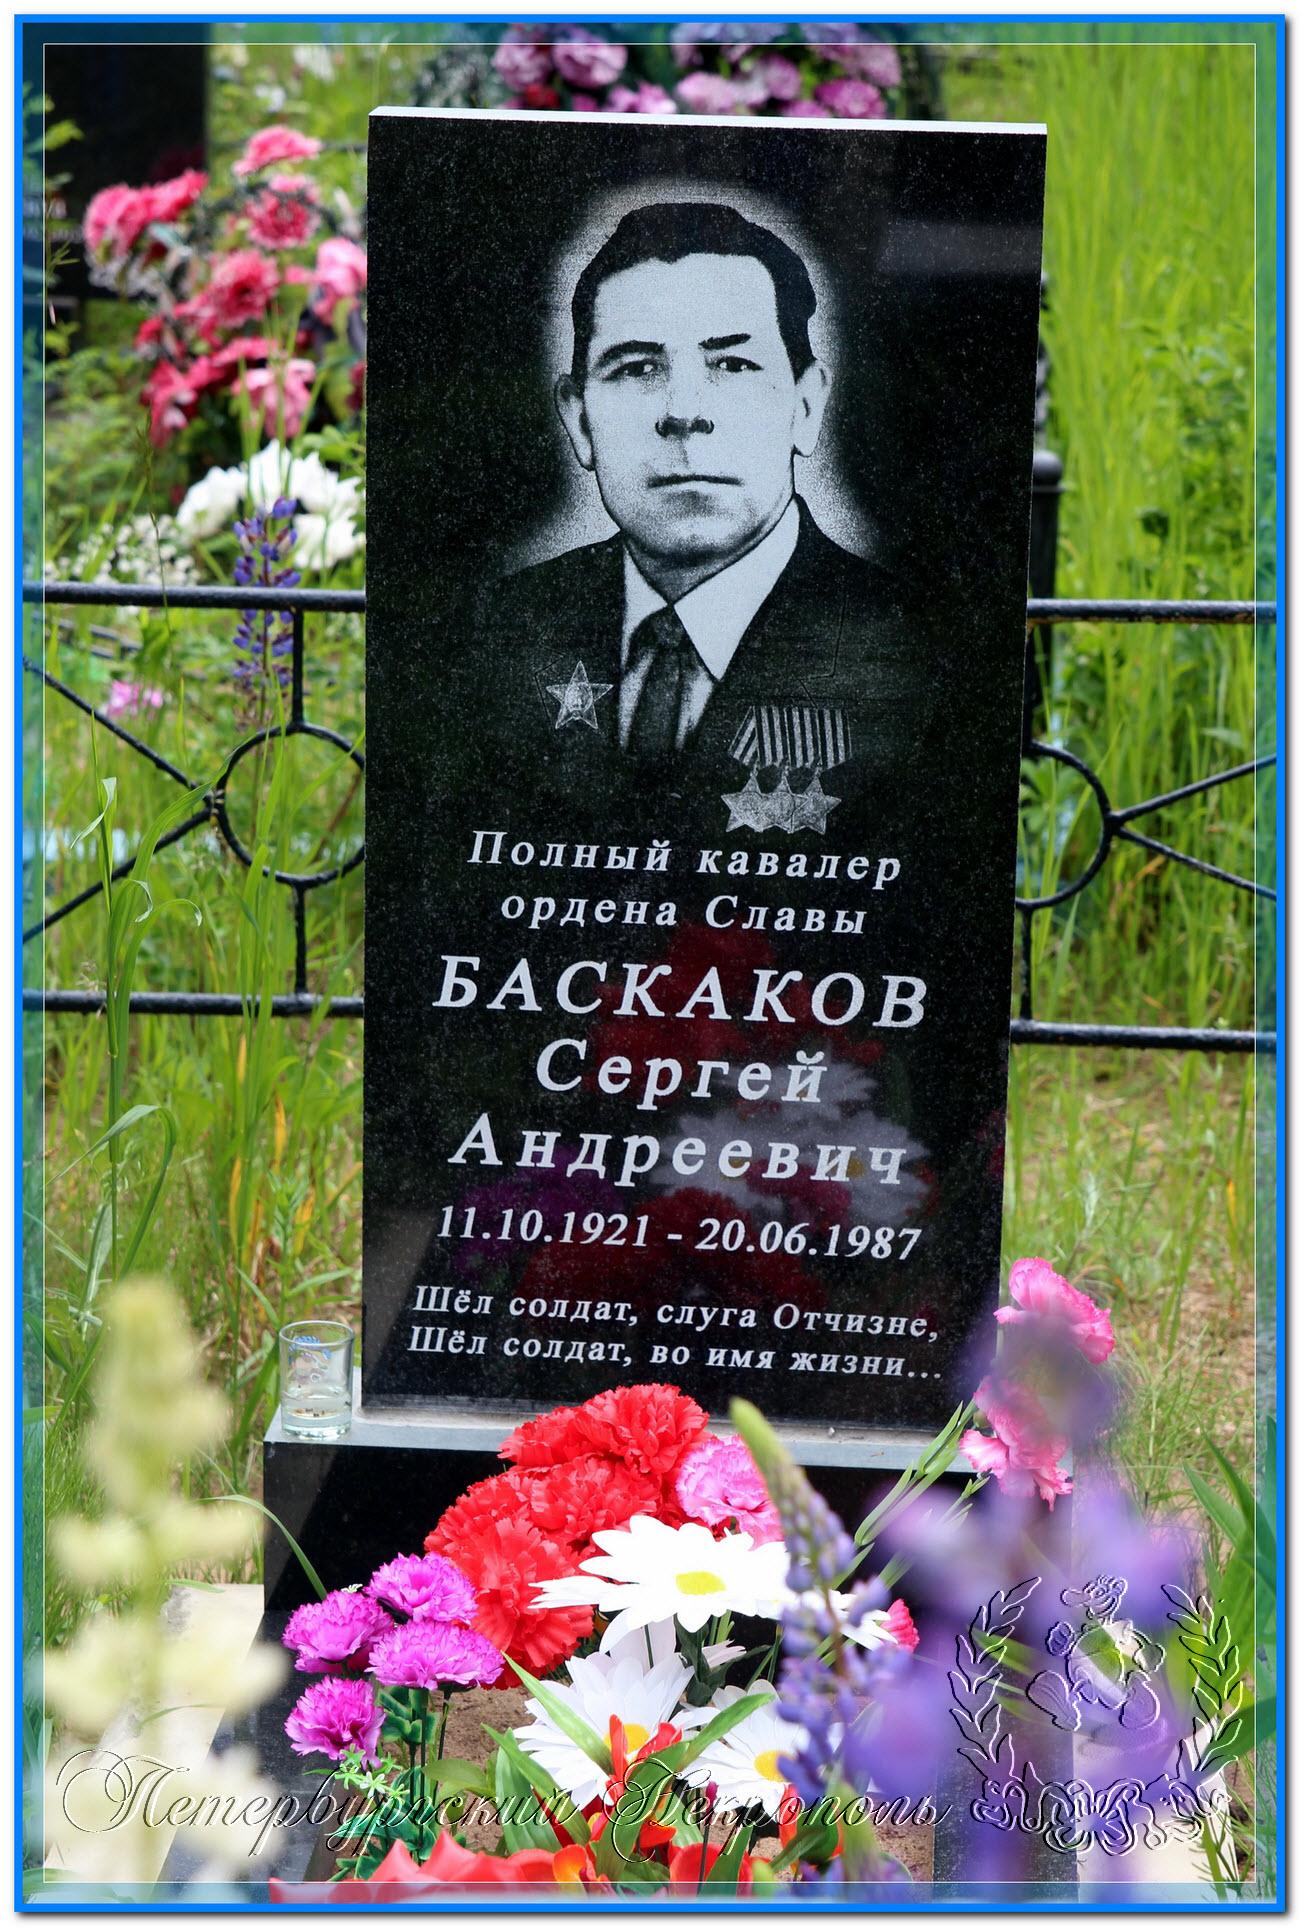 © Баскаков Сергей Андреевич